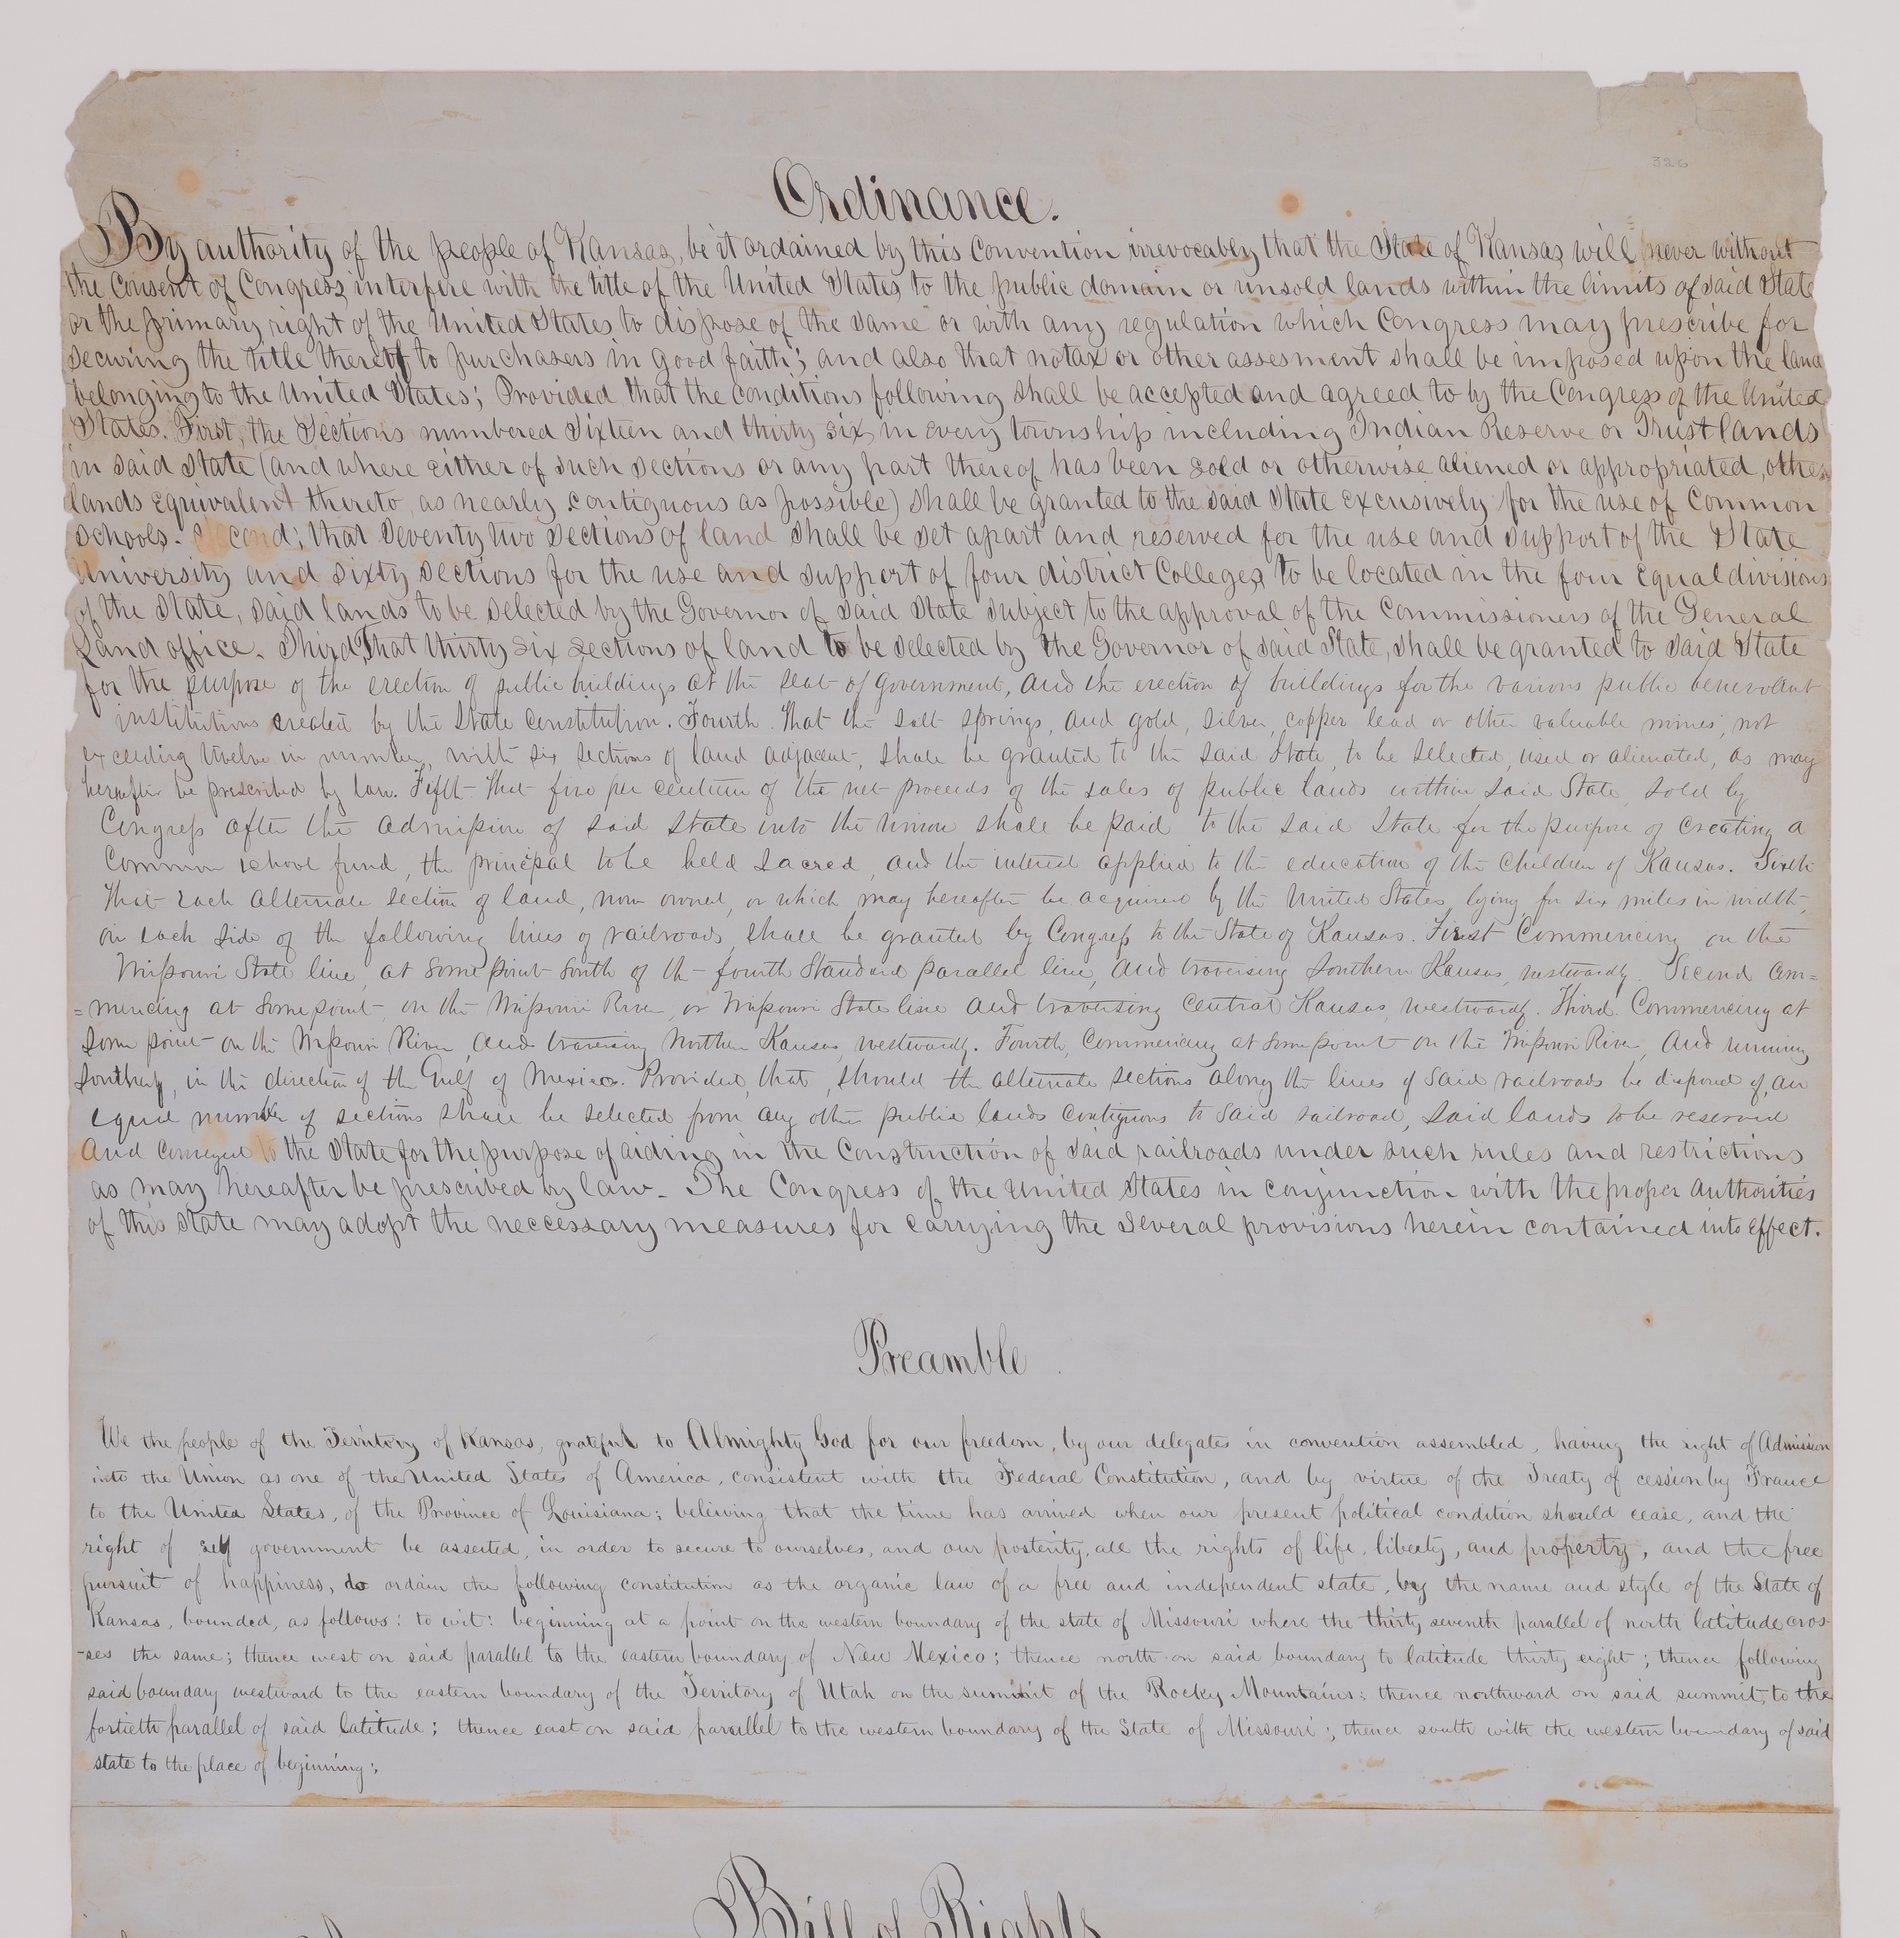 Leavenworth Constitution - 1